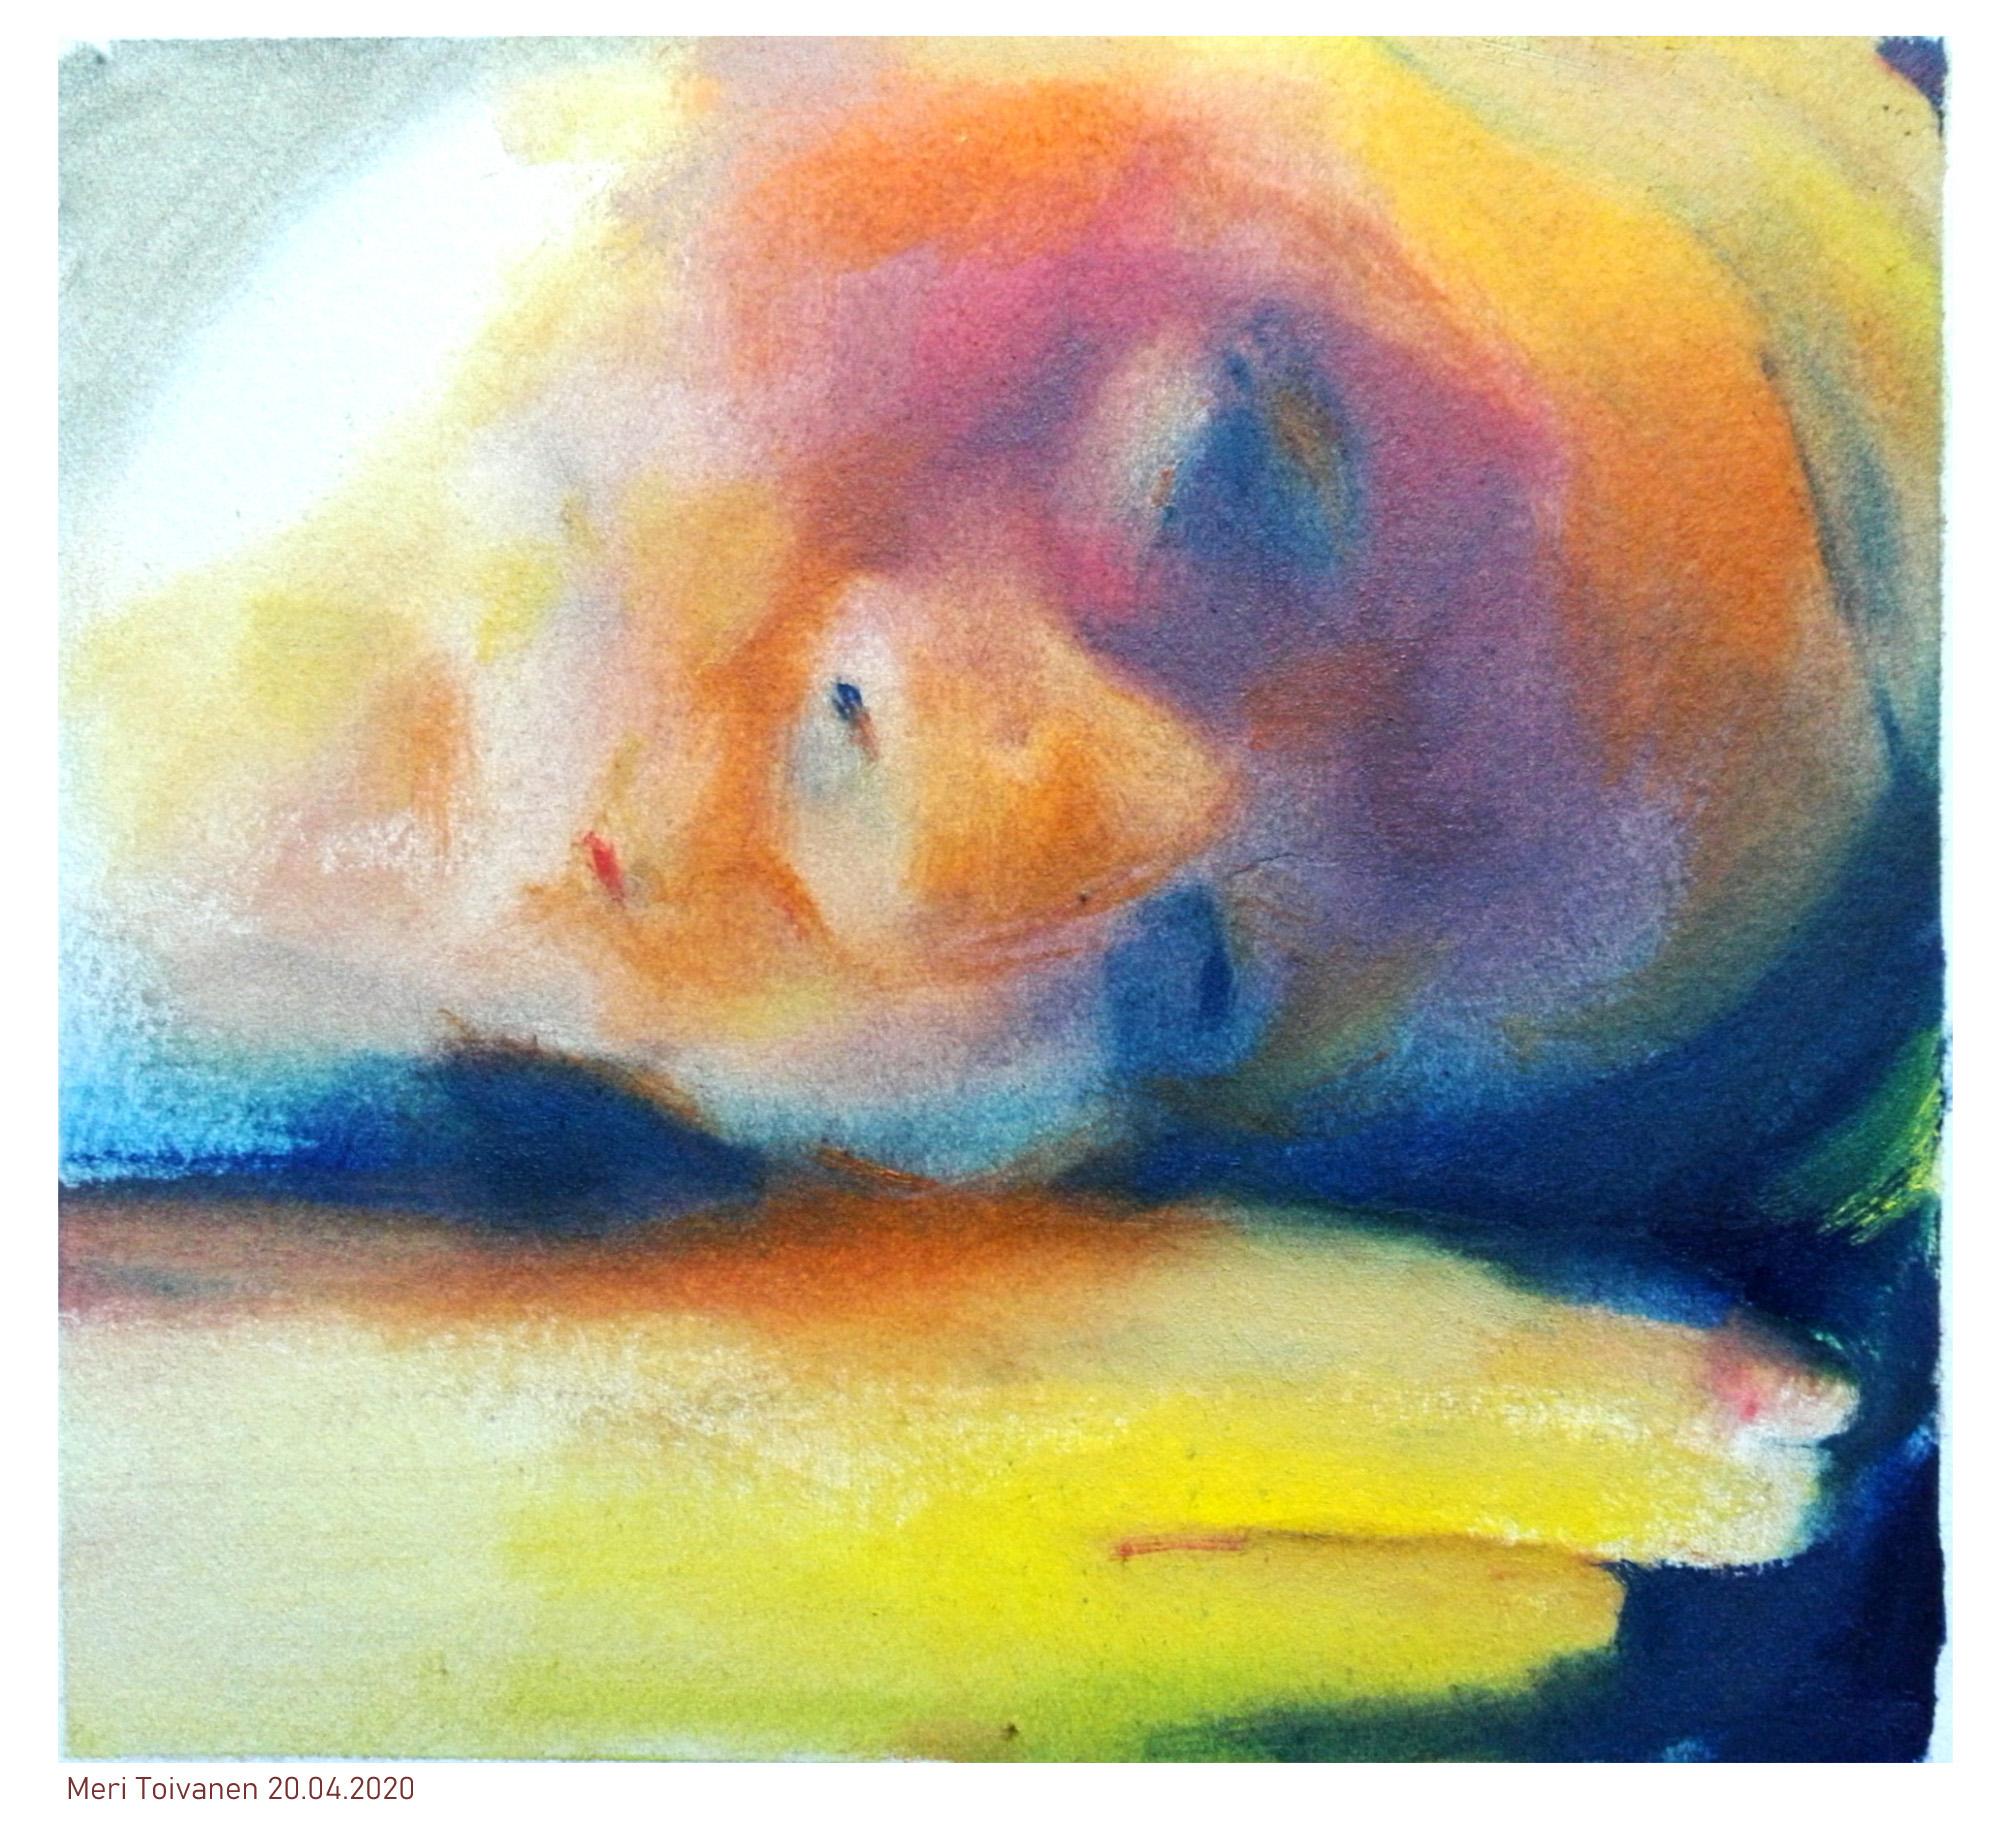 MeriToivanen maalaus 200420